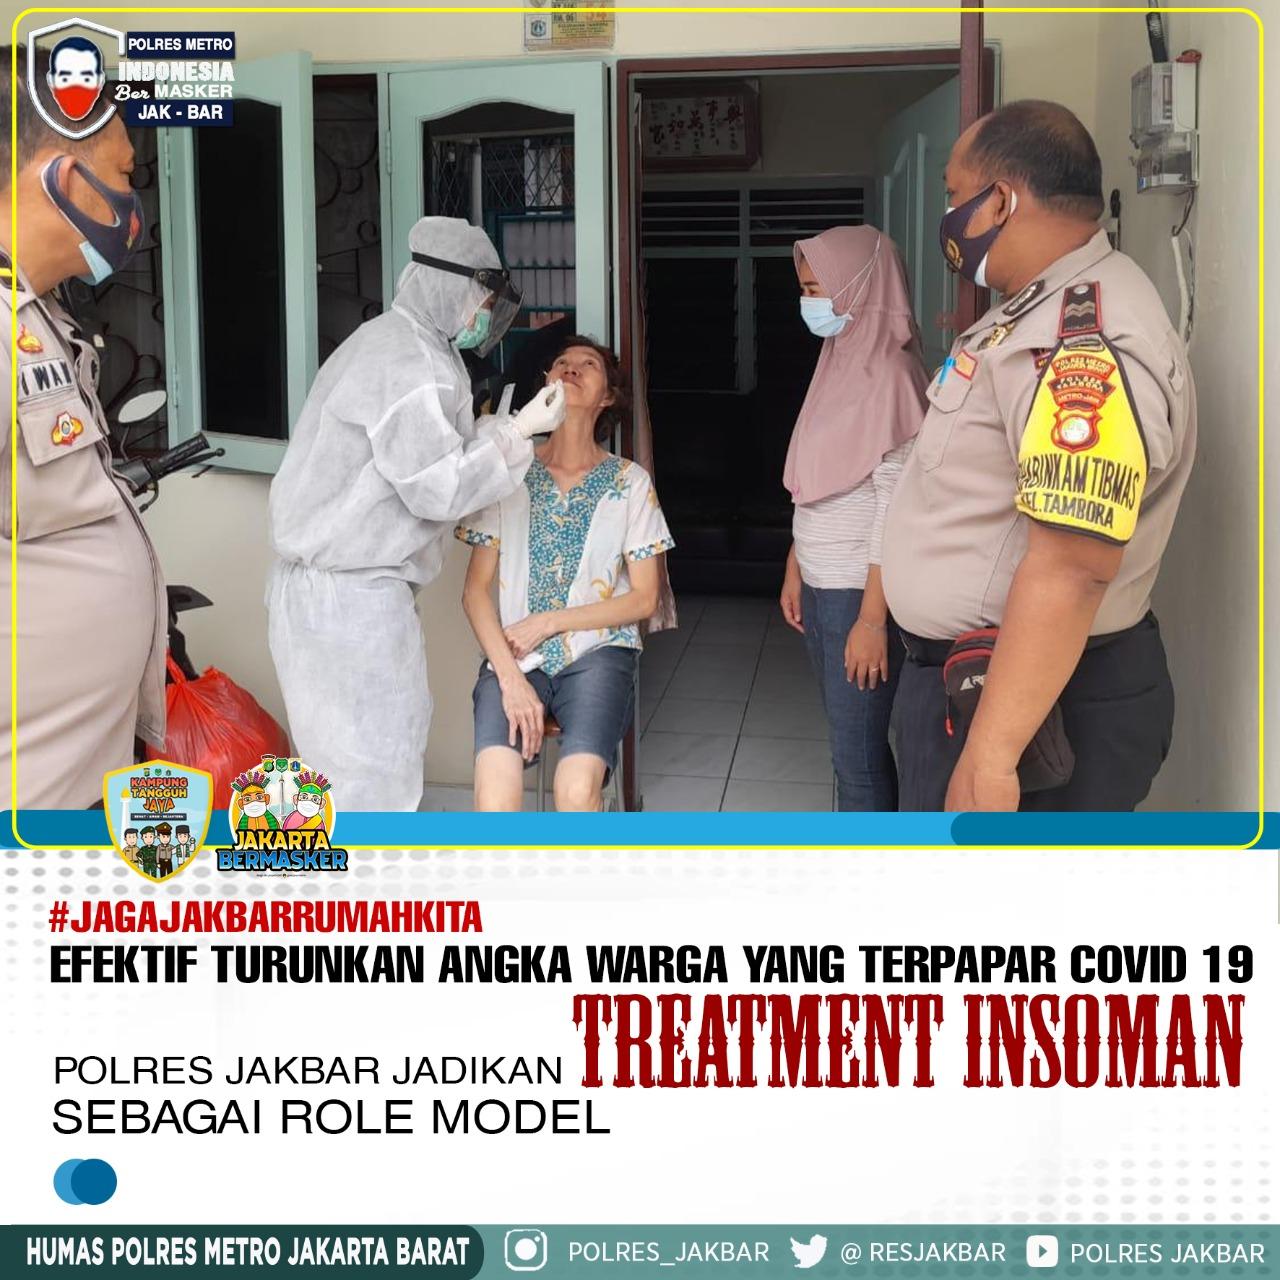 Polrestro Jakbar Jadikan Treatment Isoman Sebagai Role Model